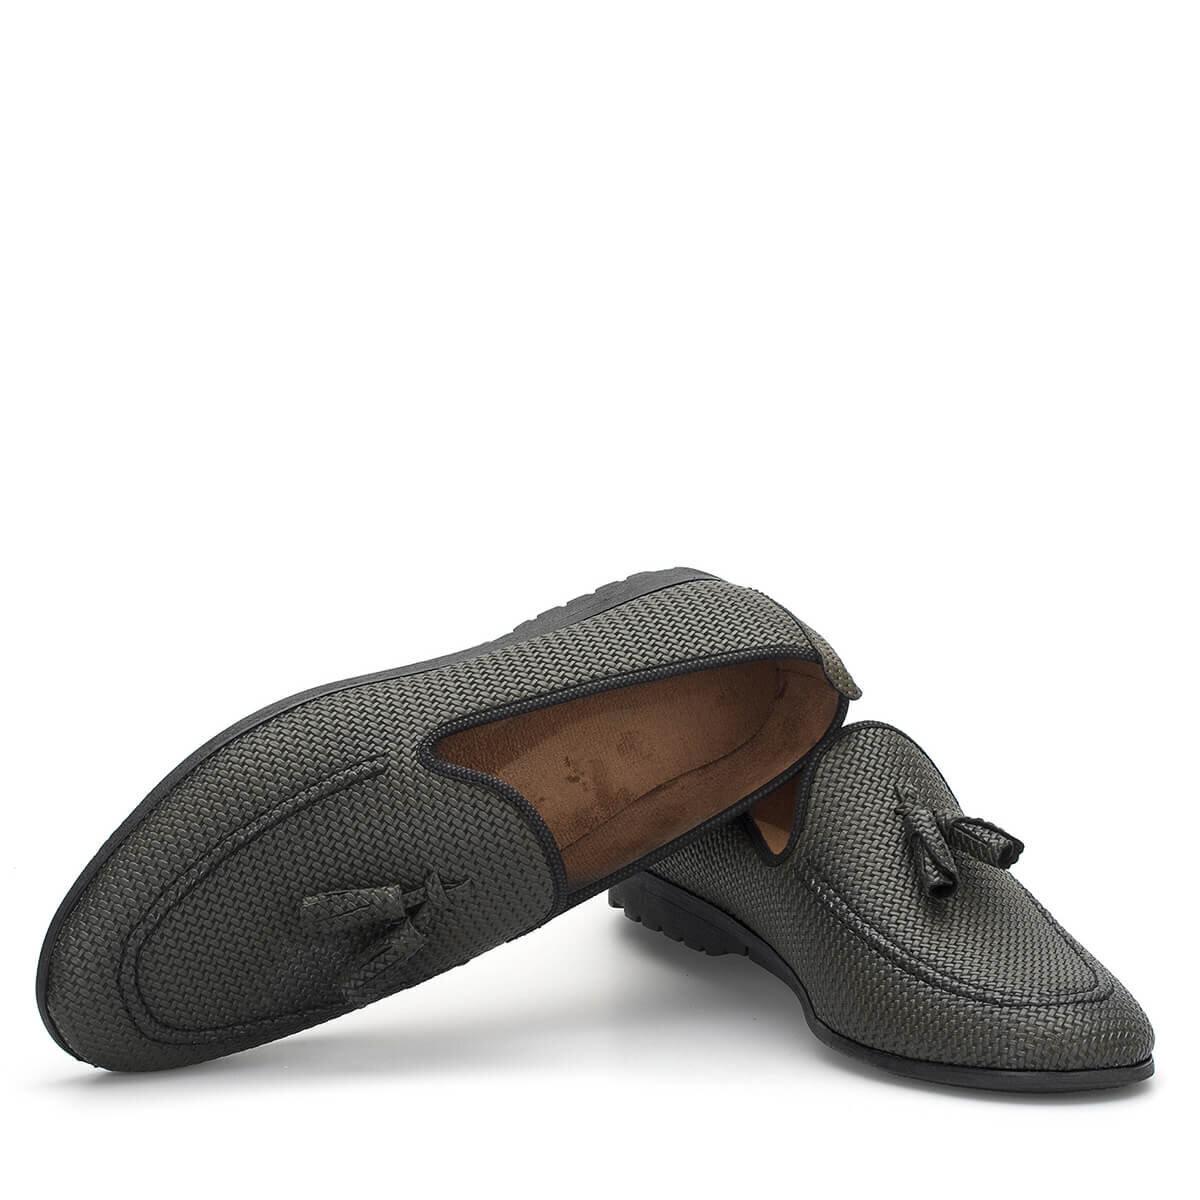 HAKI Erkek Loafer Ayakkabı LFR127HKHKX